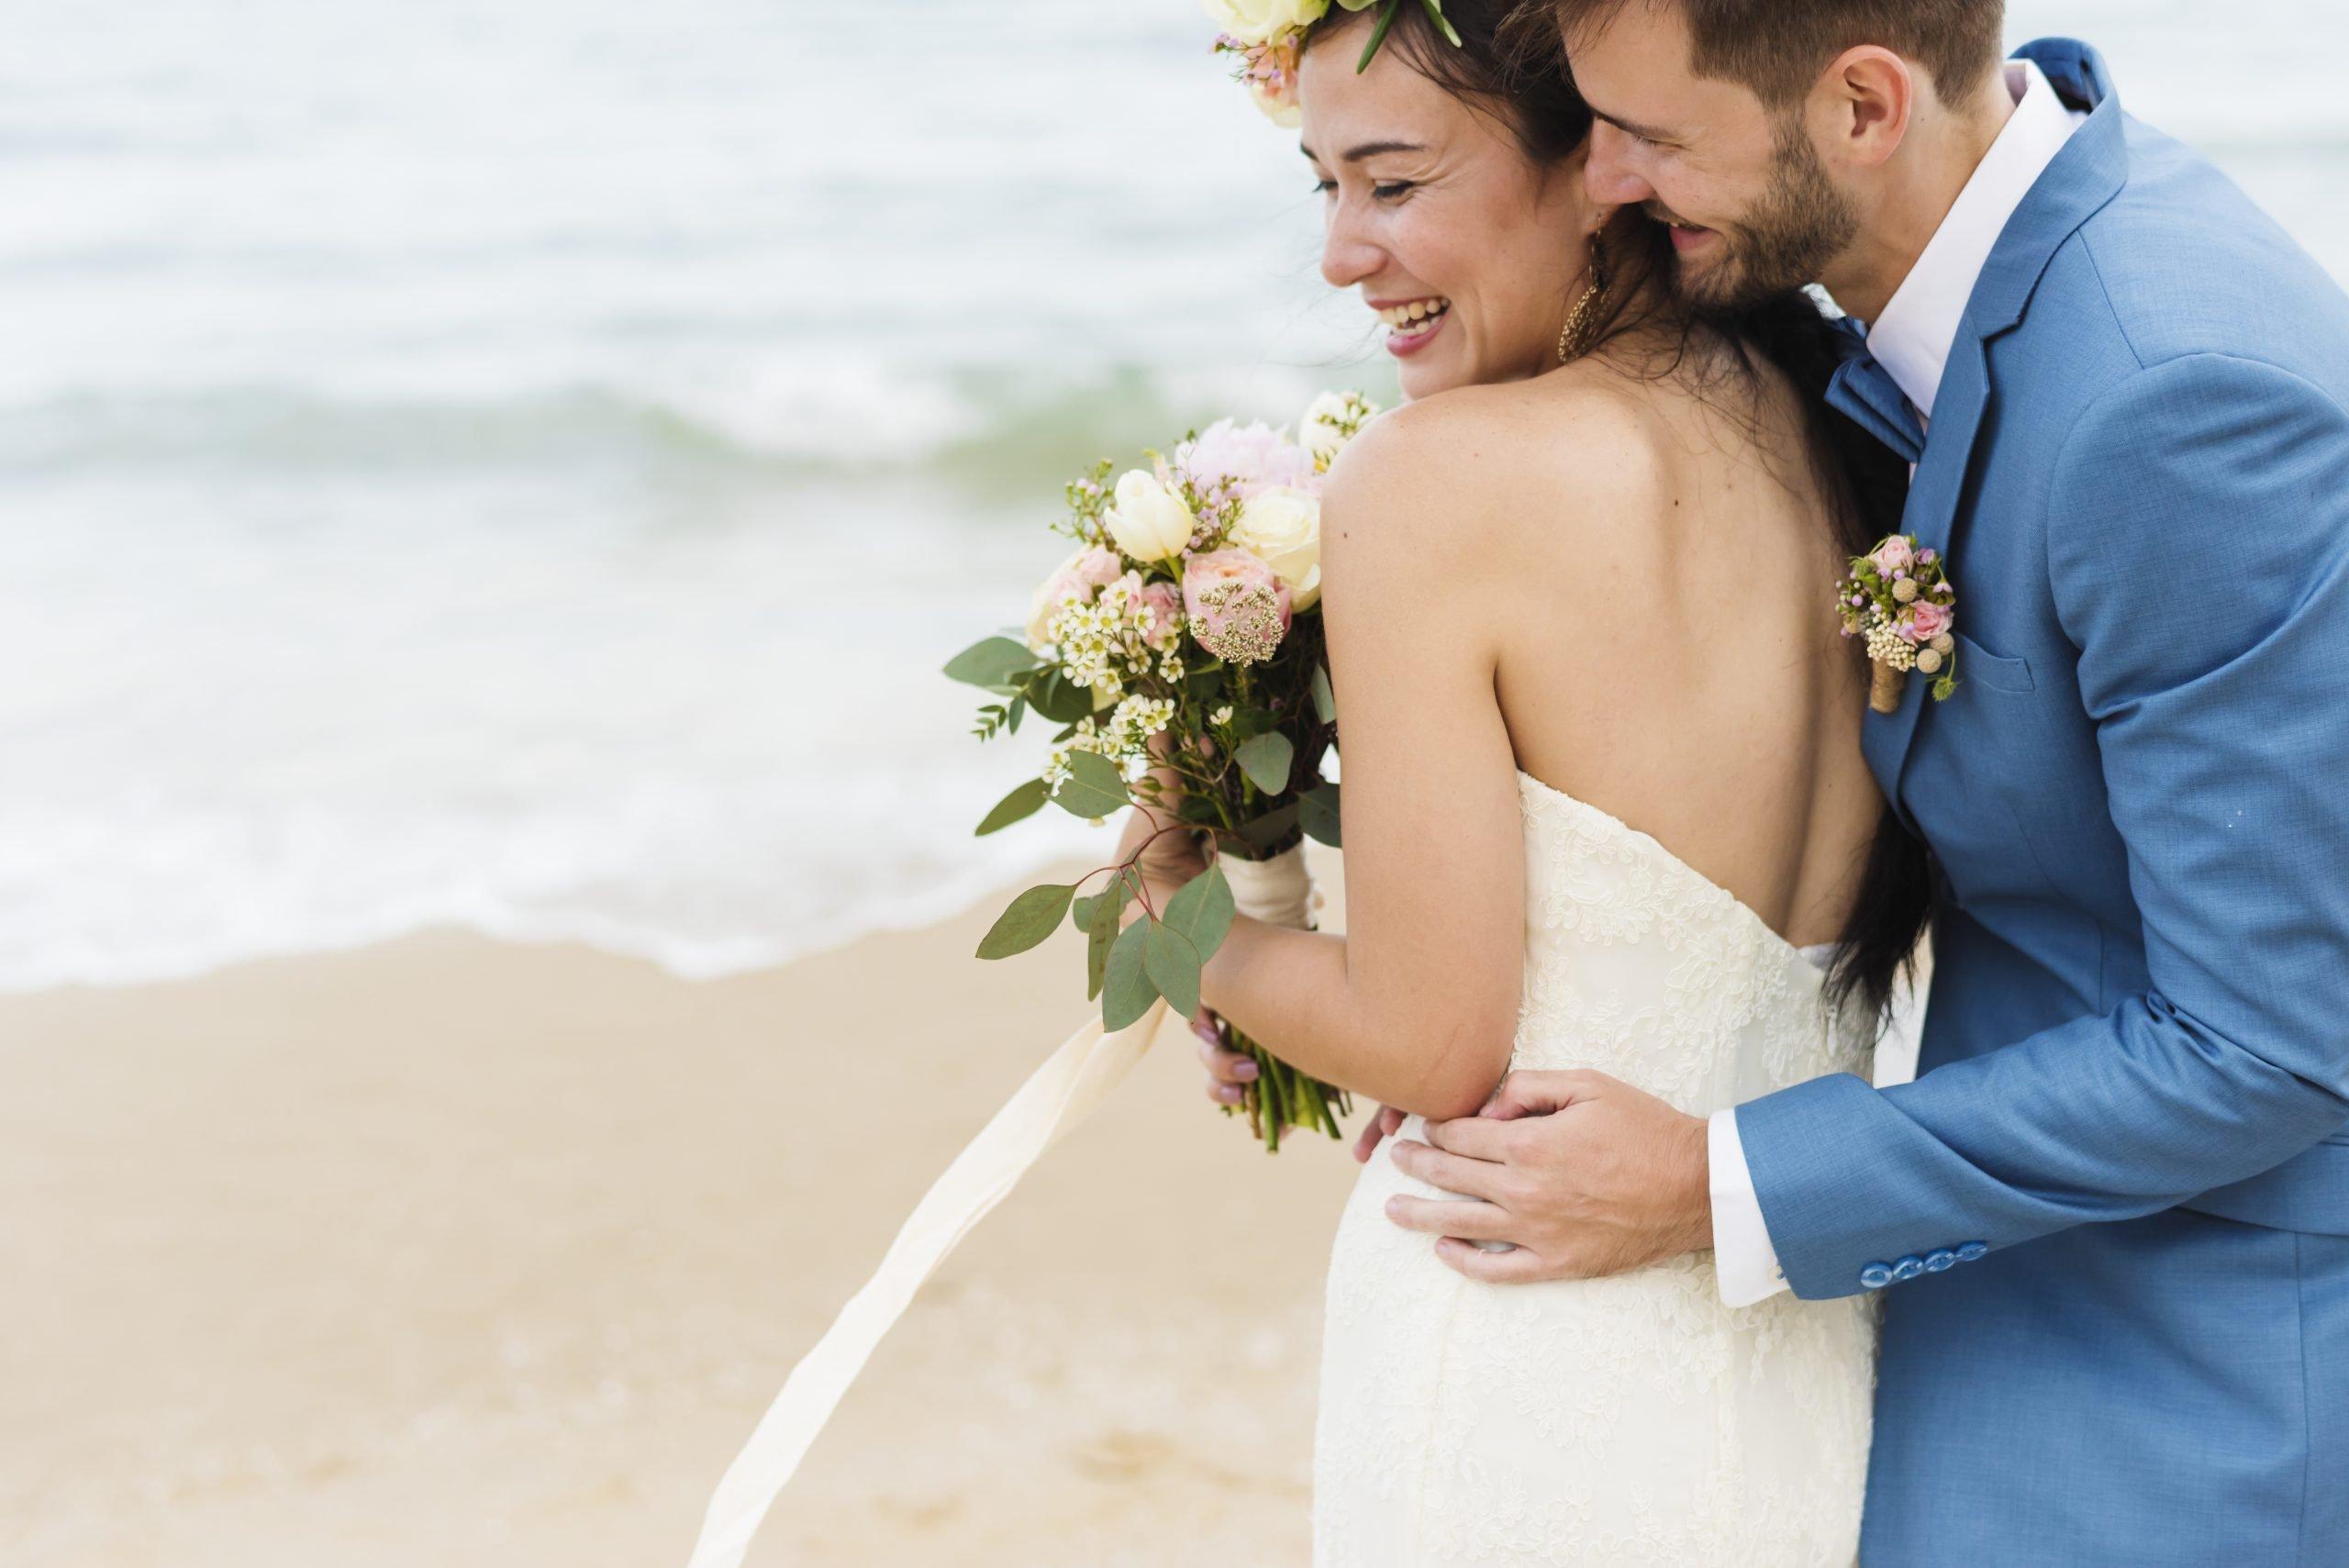 matrimonio tema marino